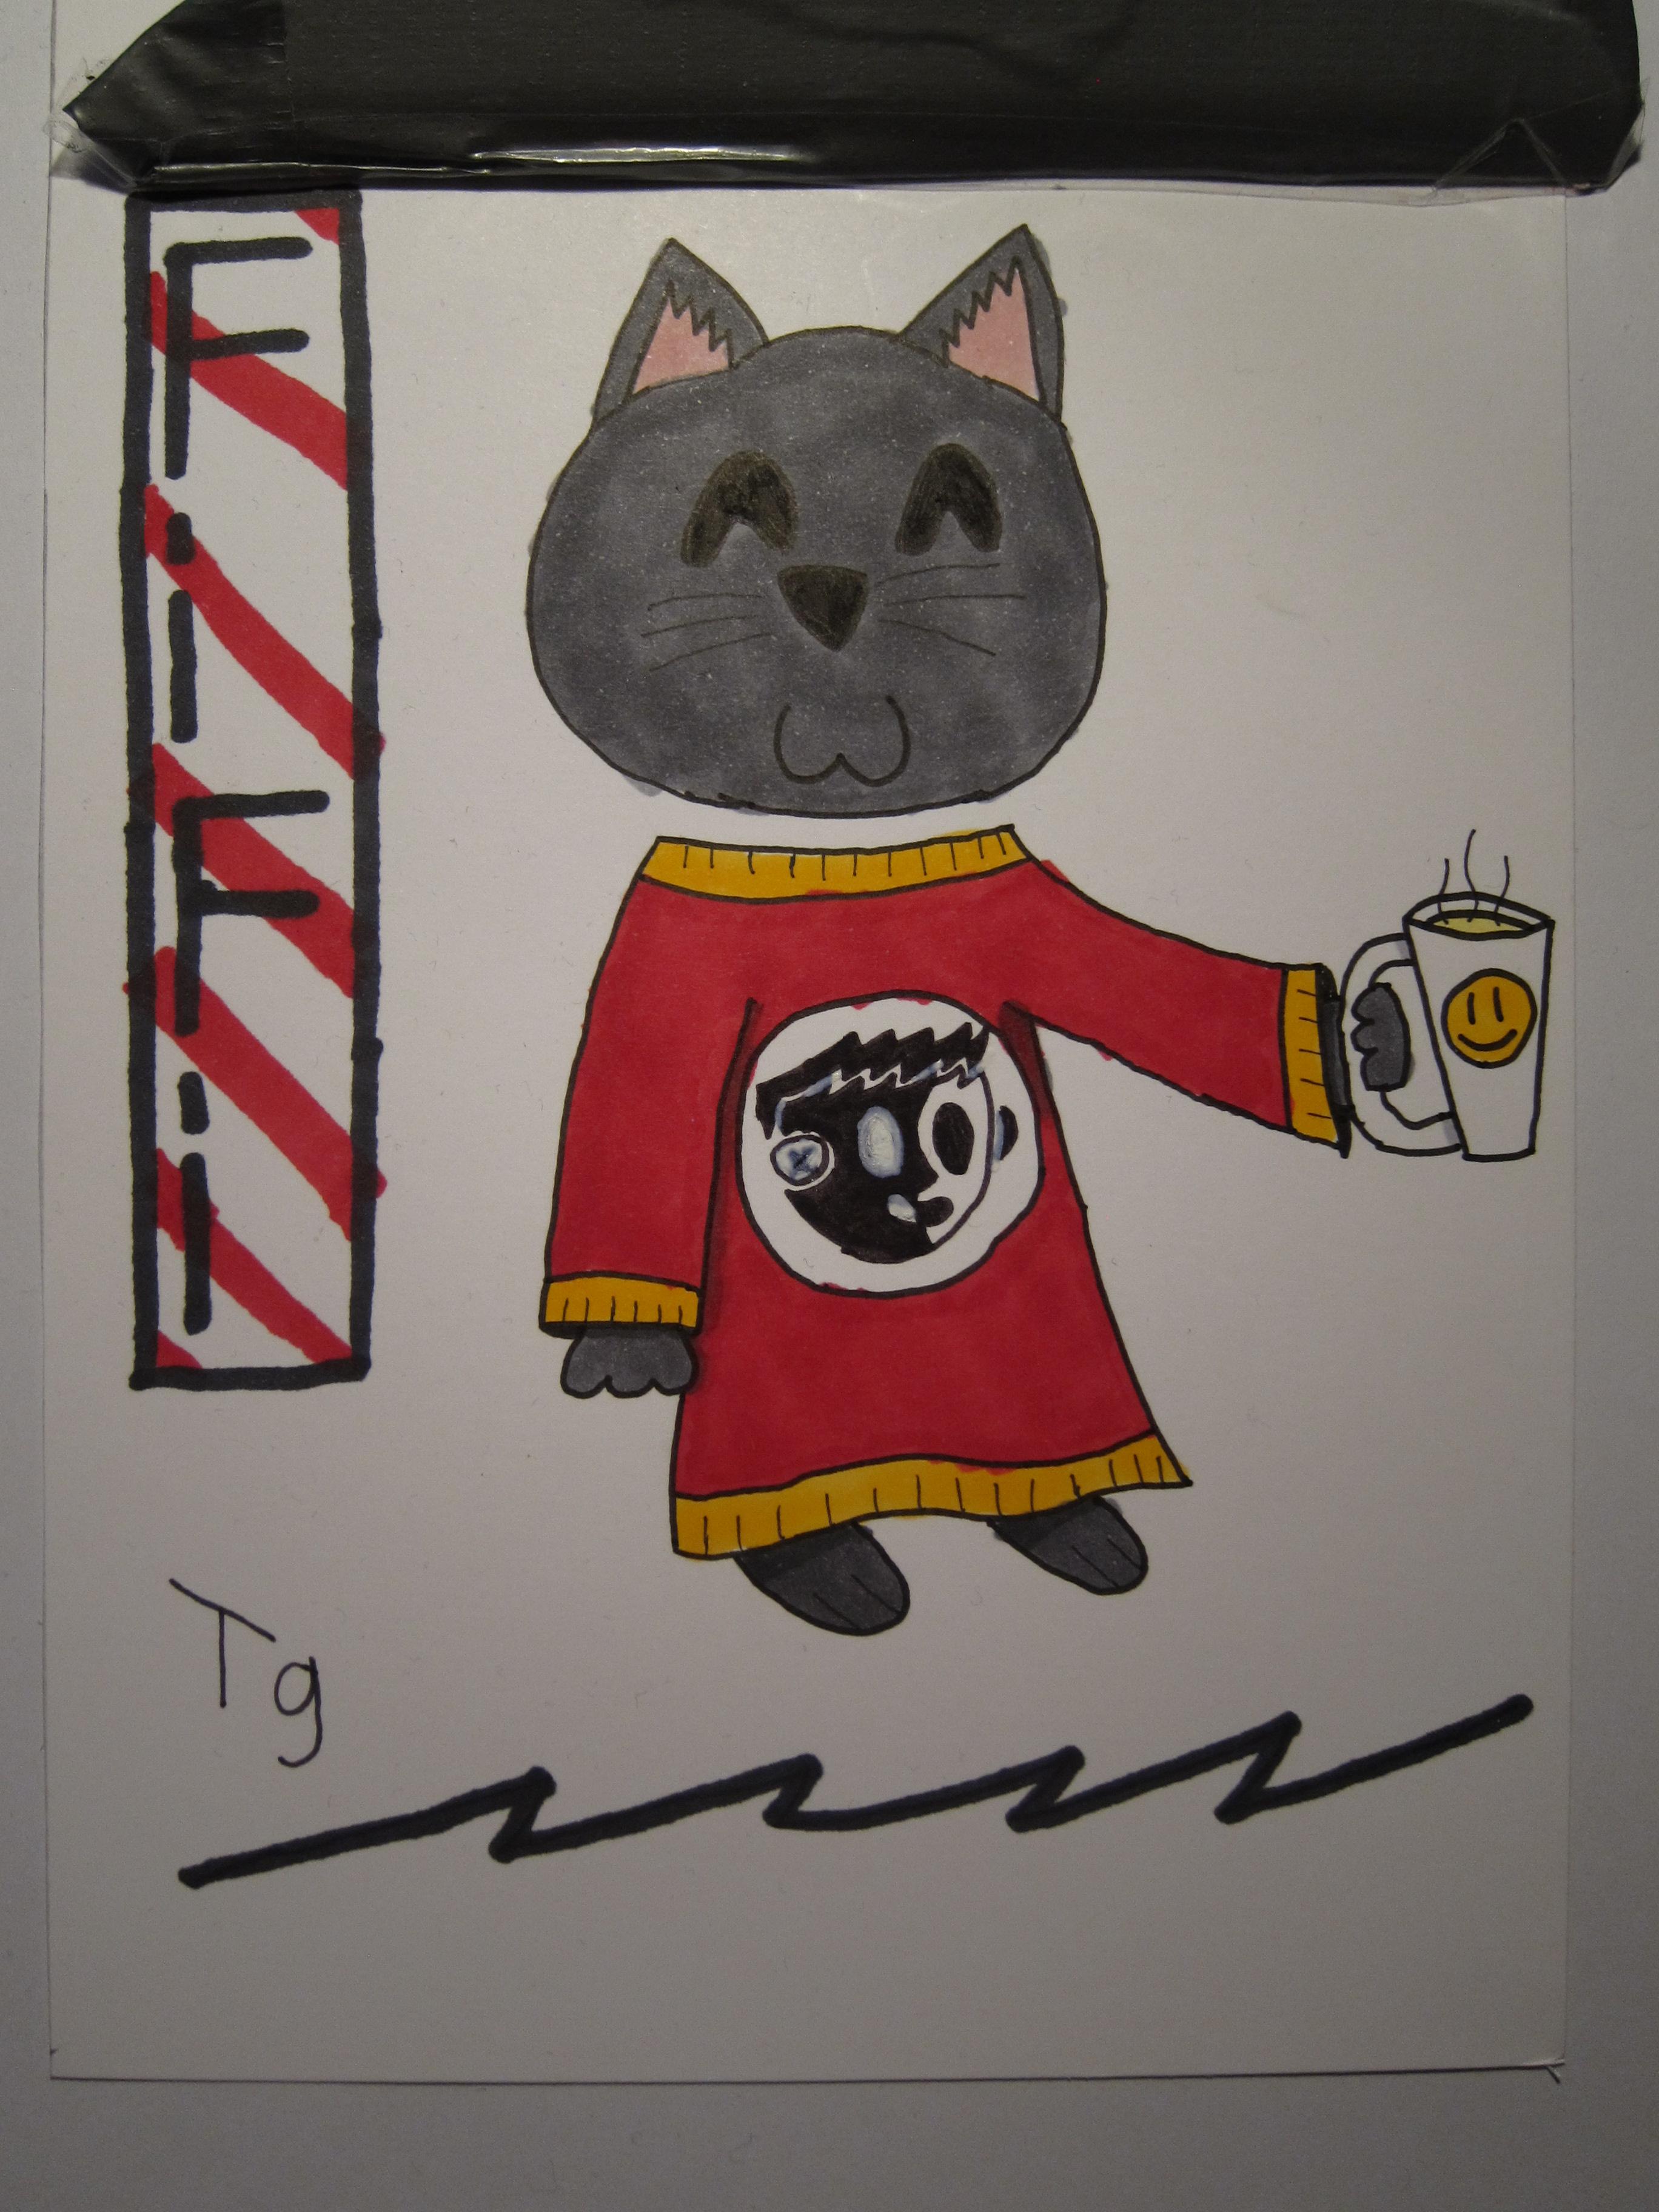 the cutey cat fifi